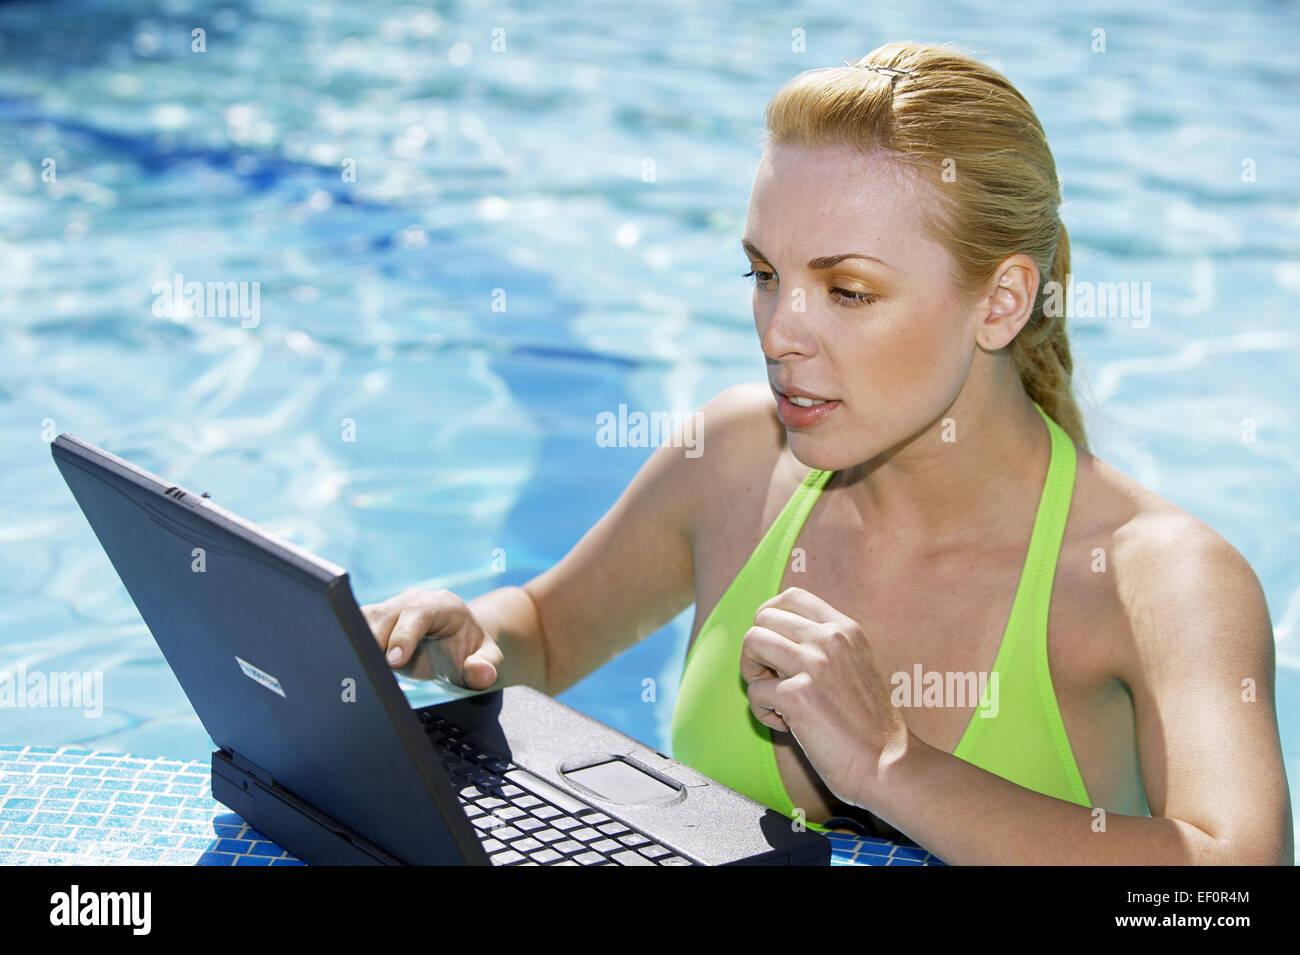 Pool Beckenrand Frau Jung Laptop Dateneingabe Swimmingpool Schwimmbecken Sommer Aussen Wasser Erfrischung Arbeit - Stock Image